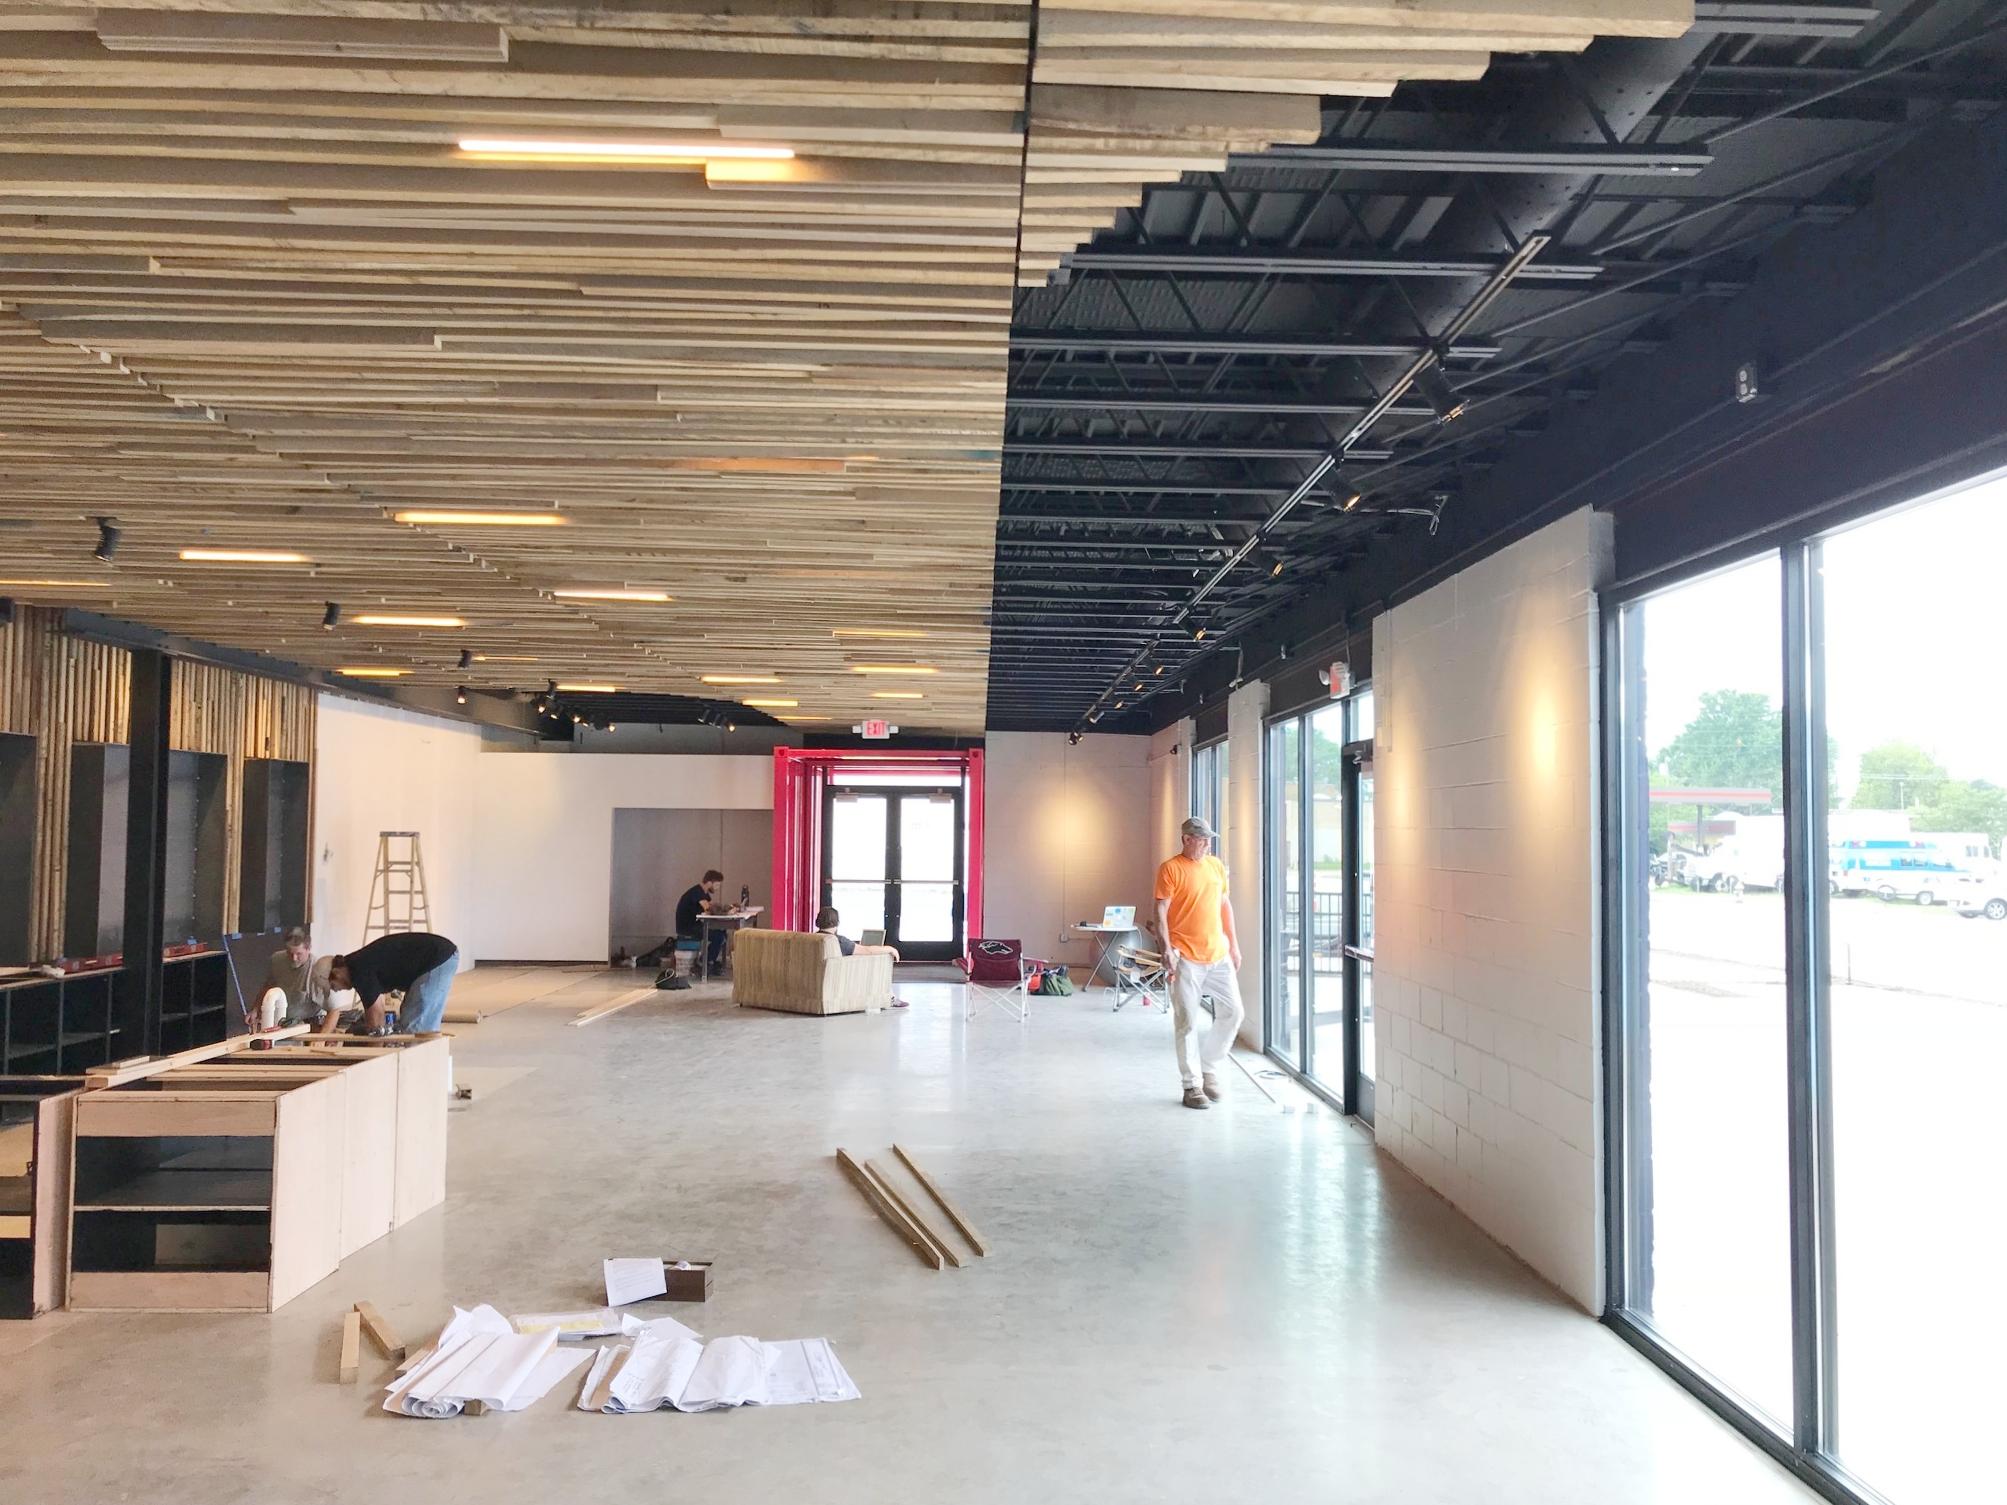 New storefronts along Vandeventer -